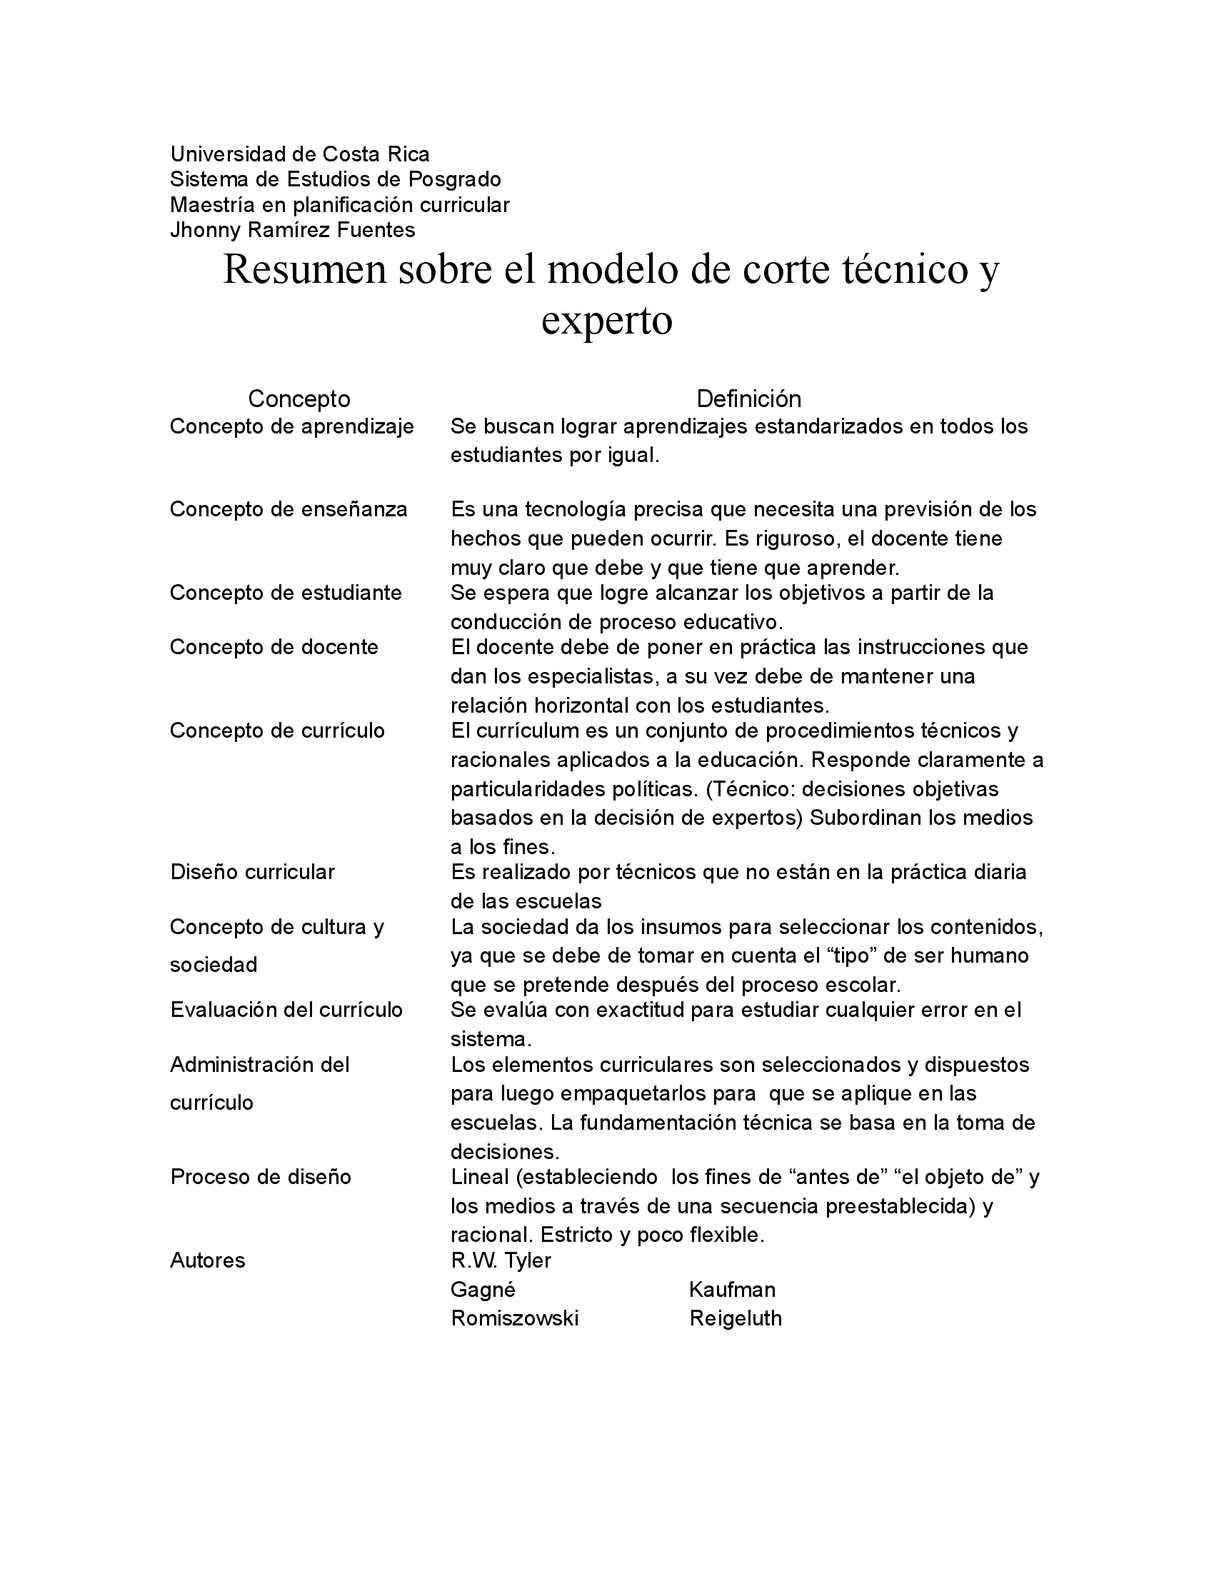 Calaméo - Resumen sobre el modelo de corte técnico